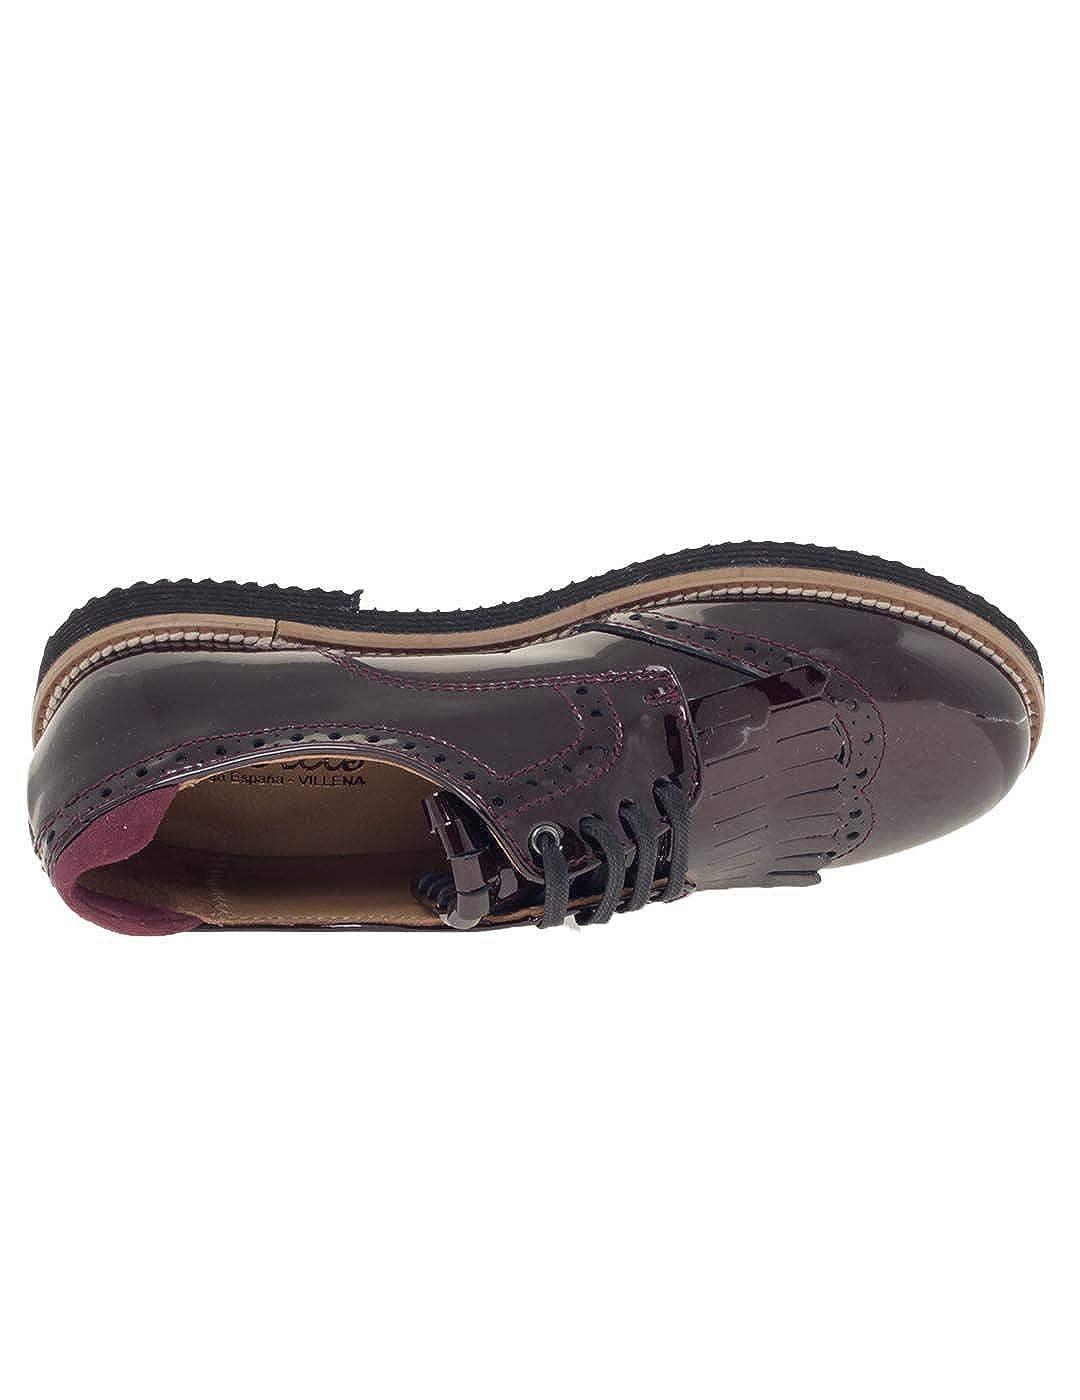 Blucher Niña Beberlis Charol Burdeos: Amazon.es: Zapatos y ...